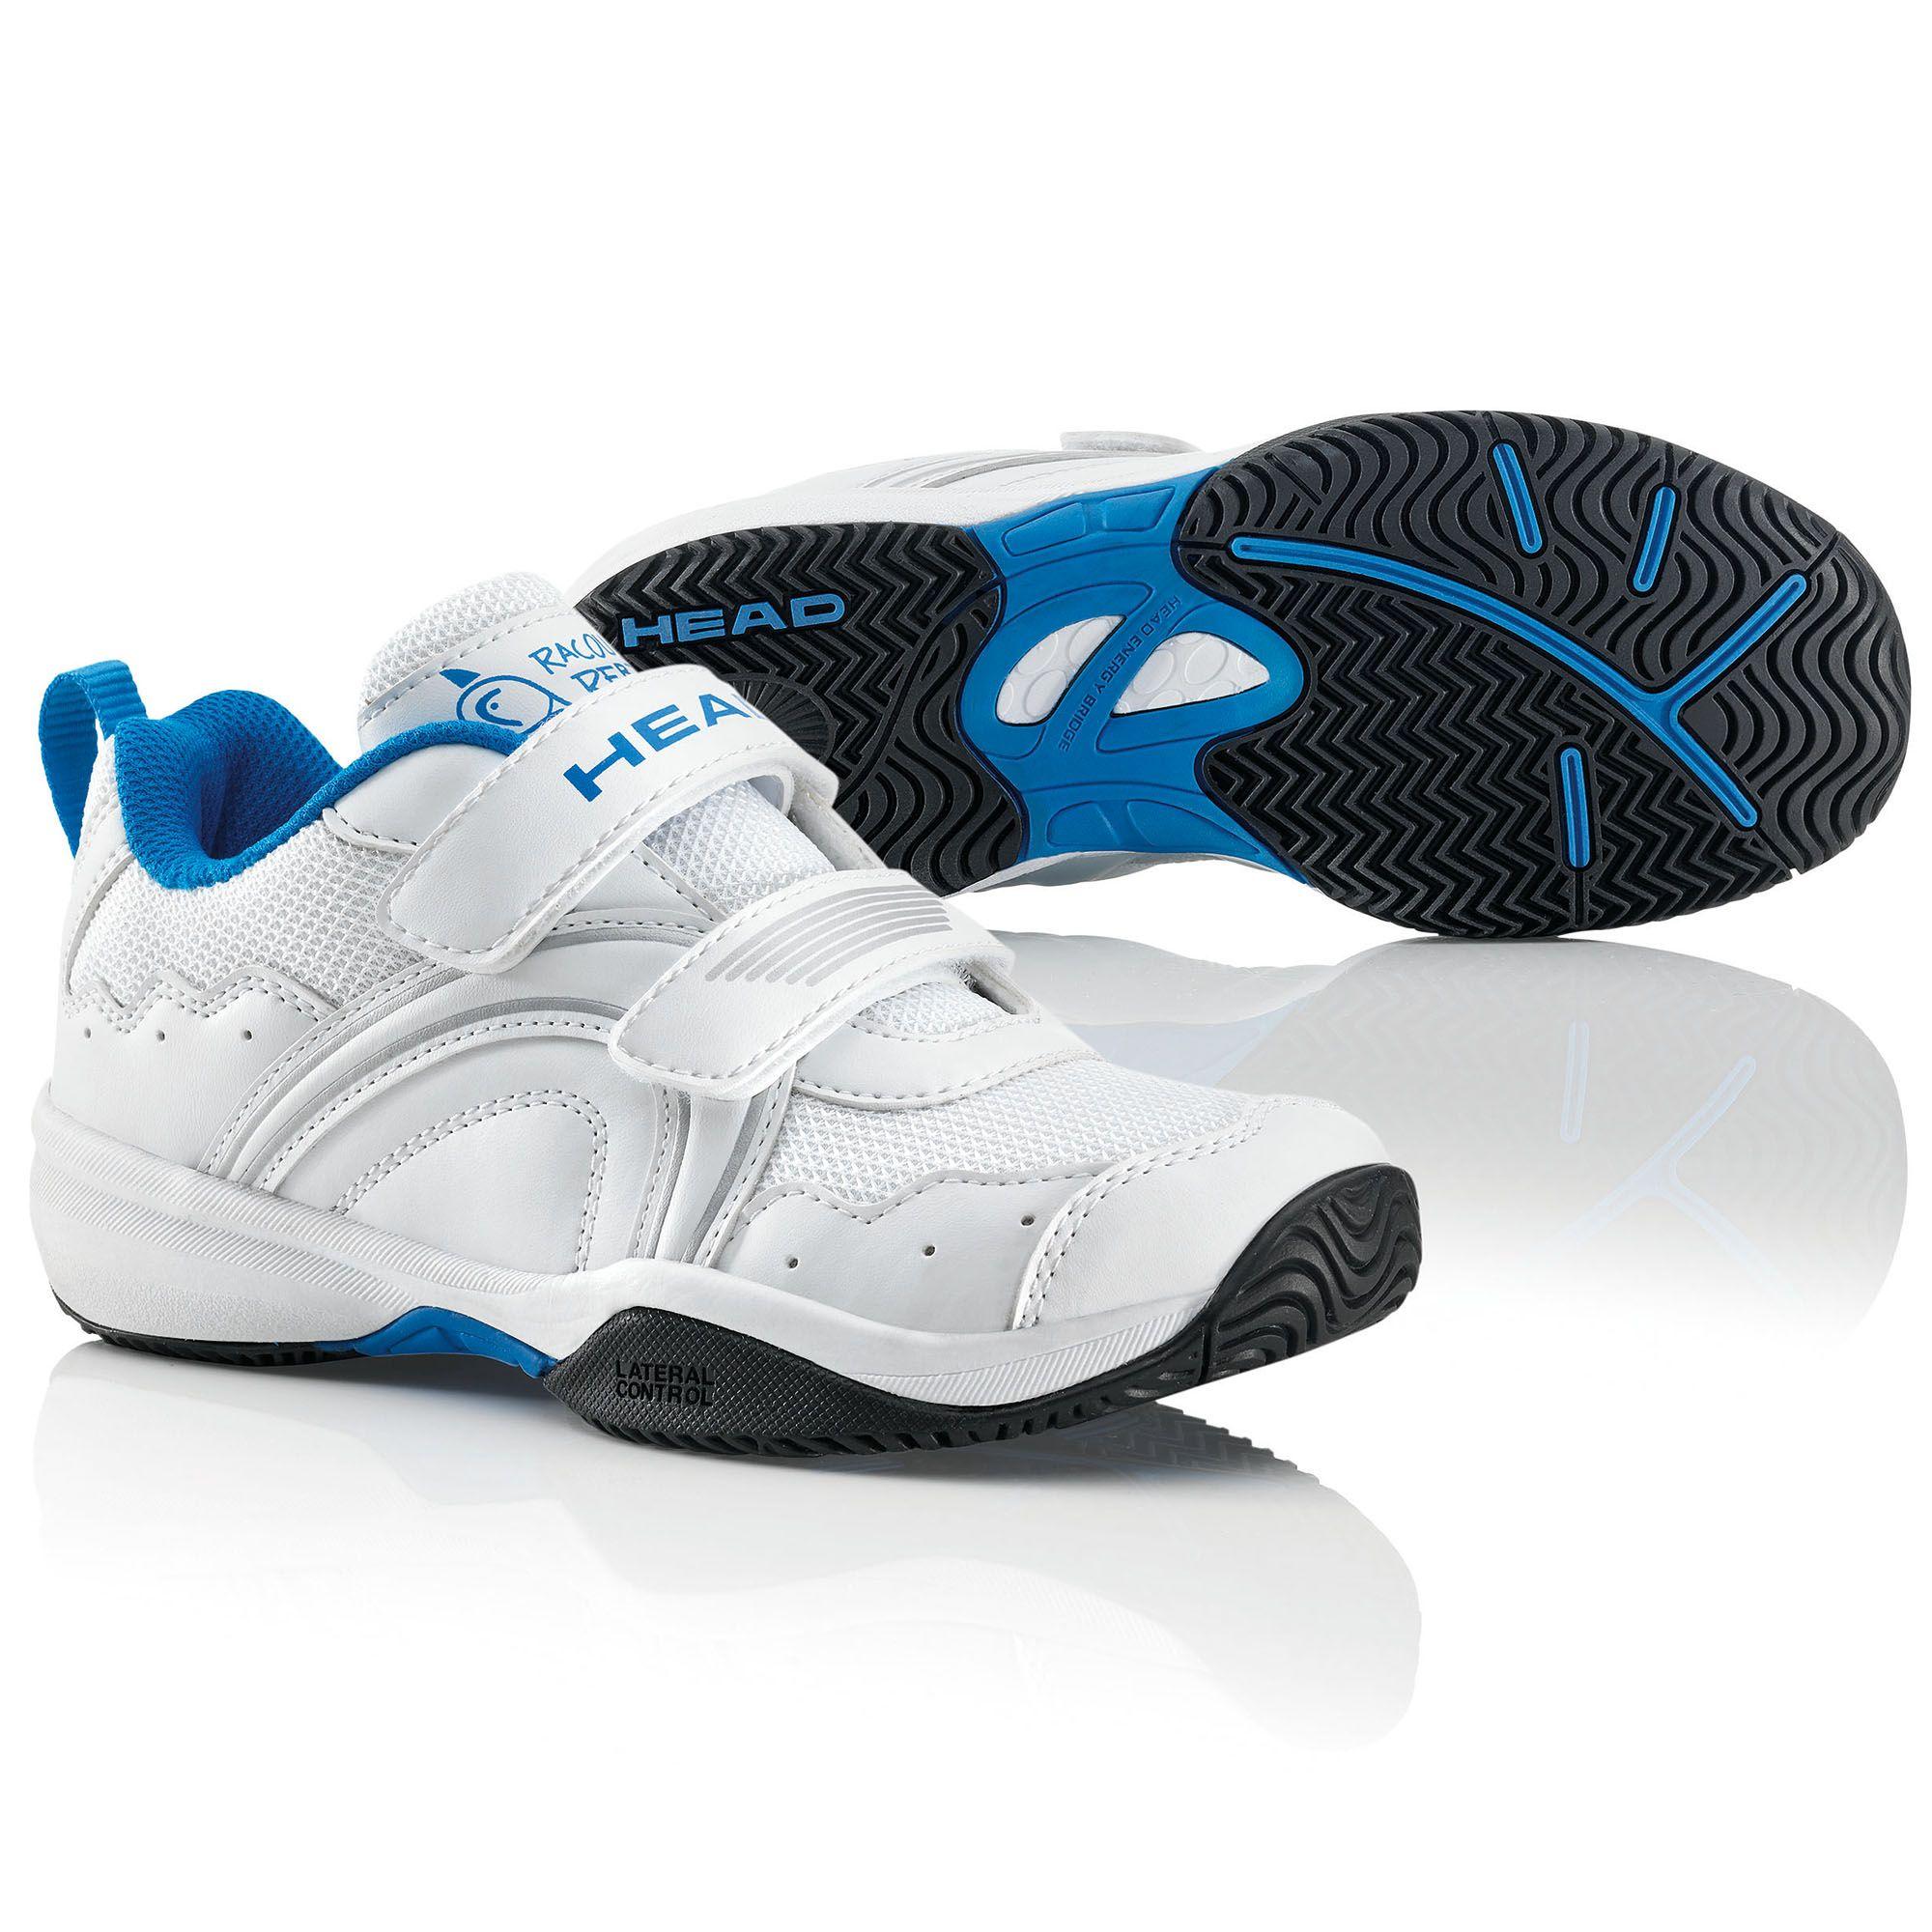 tennis_shoes_head_sensor_court_velcro_junior_tennis_shoes_2000x2000